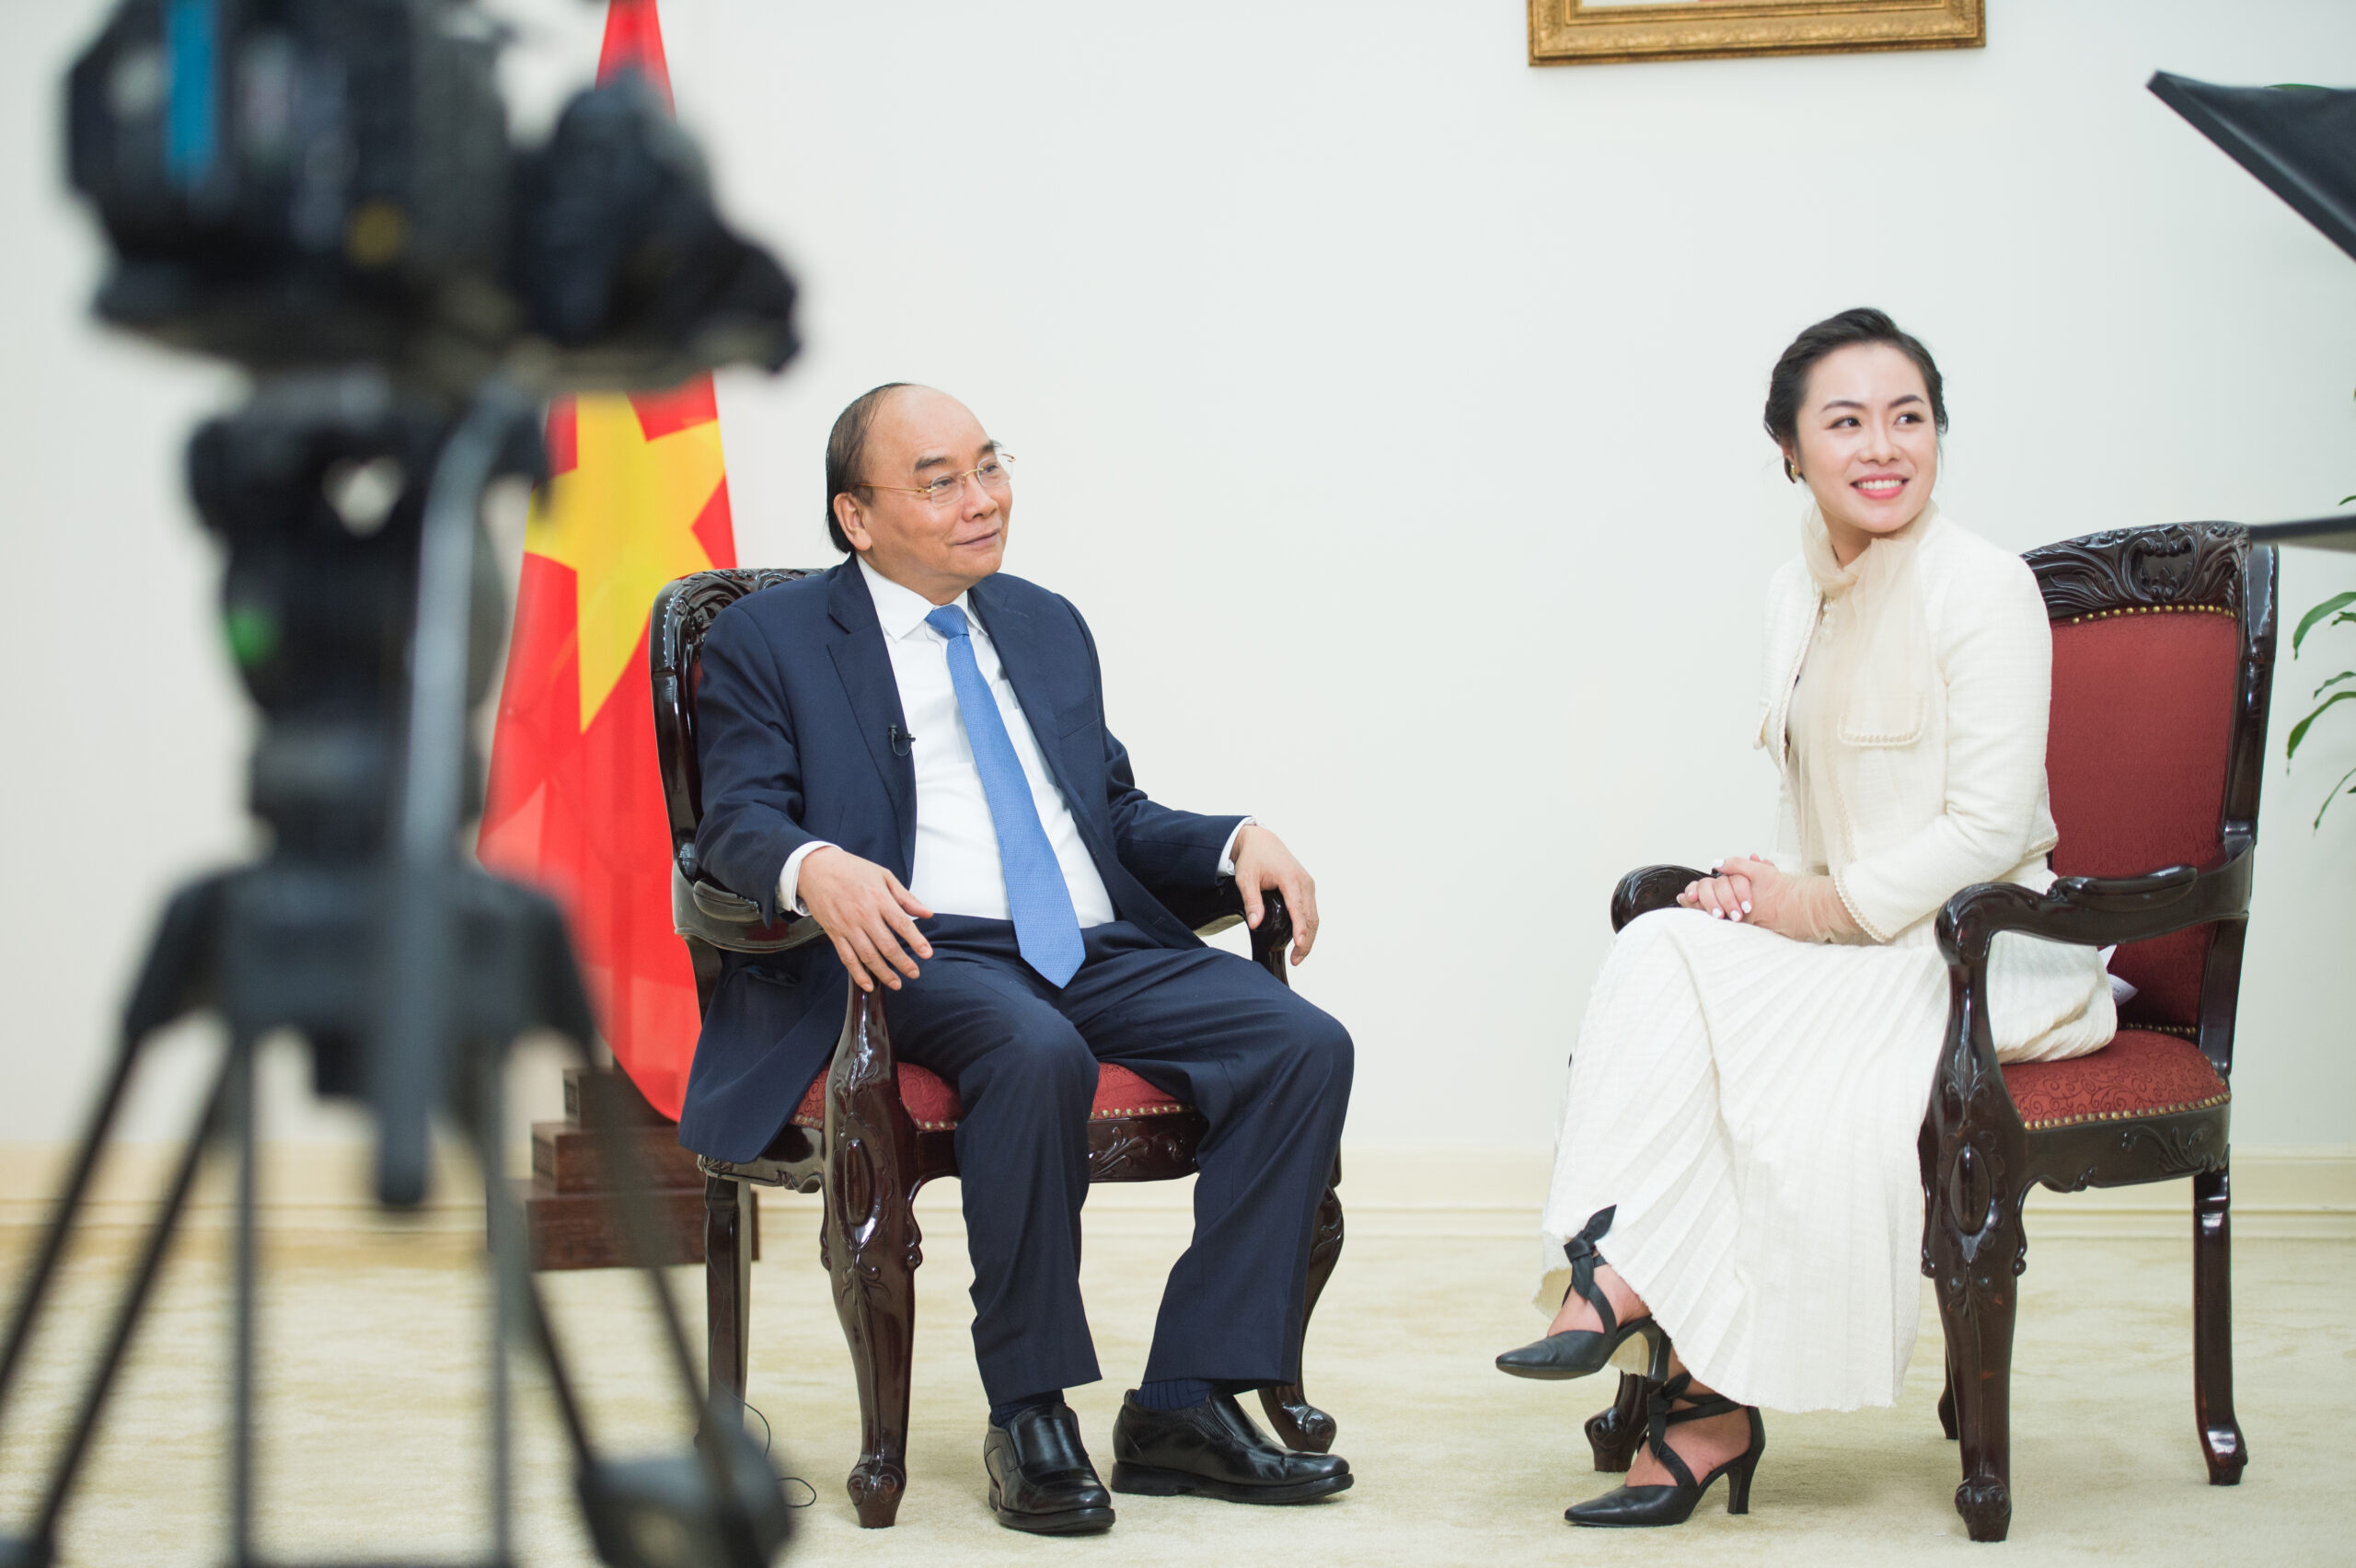 Cuộc ghi hình phỏng vấn Thủ tướng Chính phủ Nguyễn Xuân Phúc của chuyên gia Nguyễn Thy Nga, Ban tổ chức Ehealth Vietnam Summit